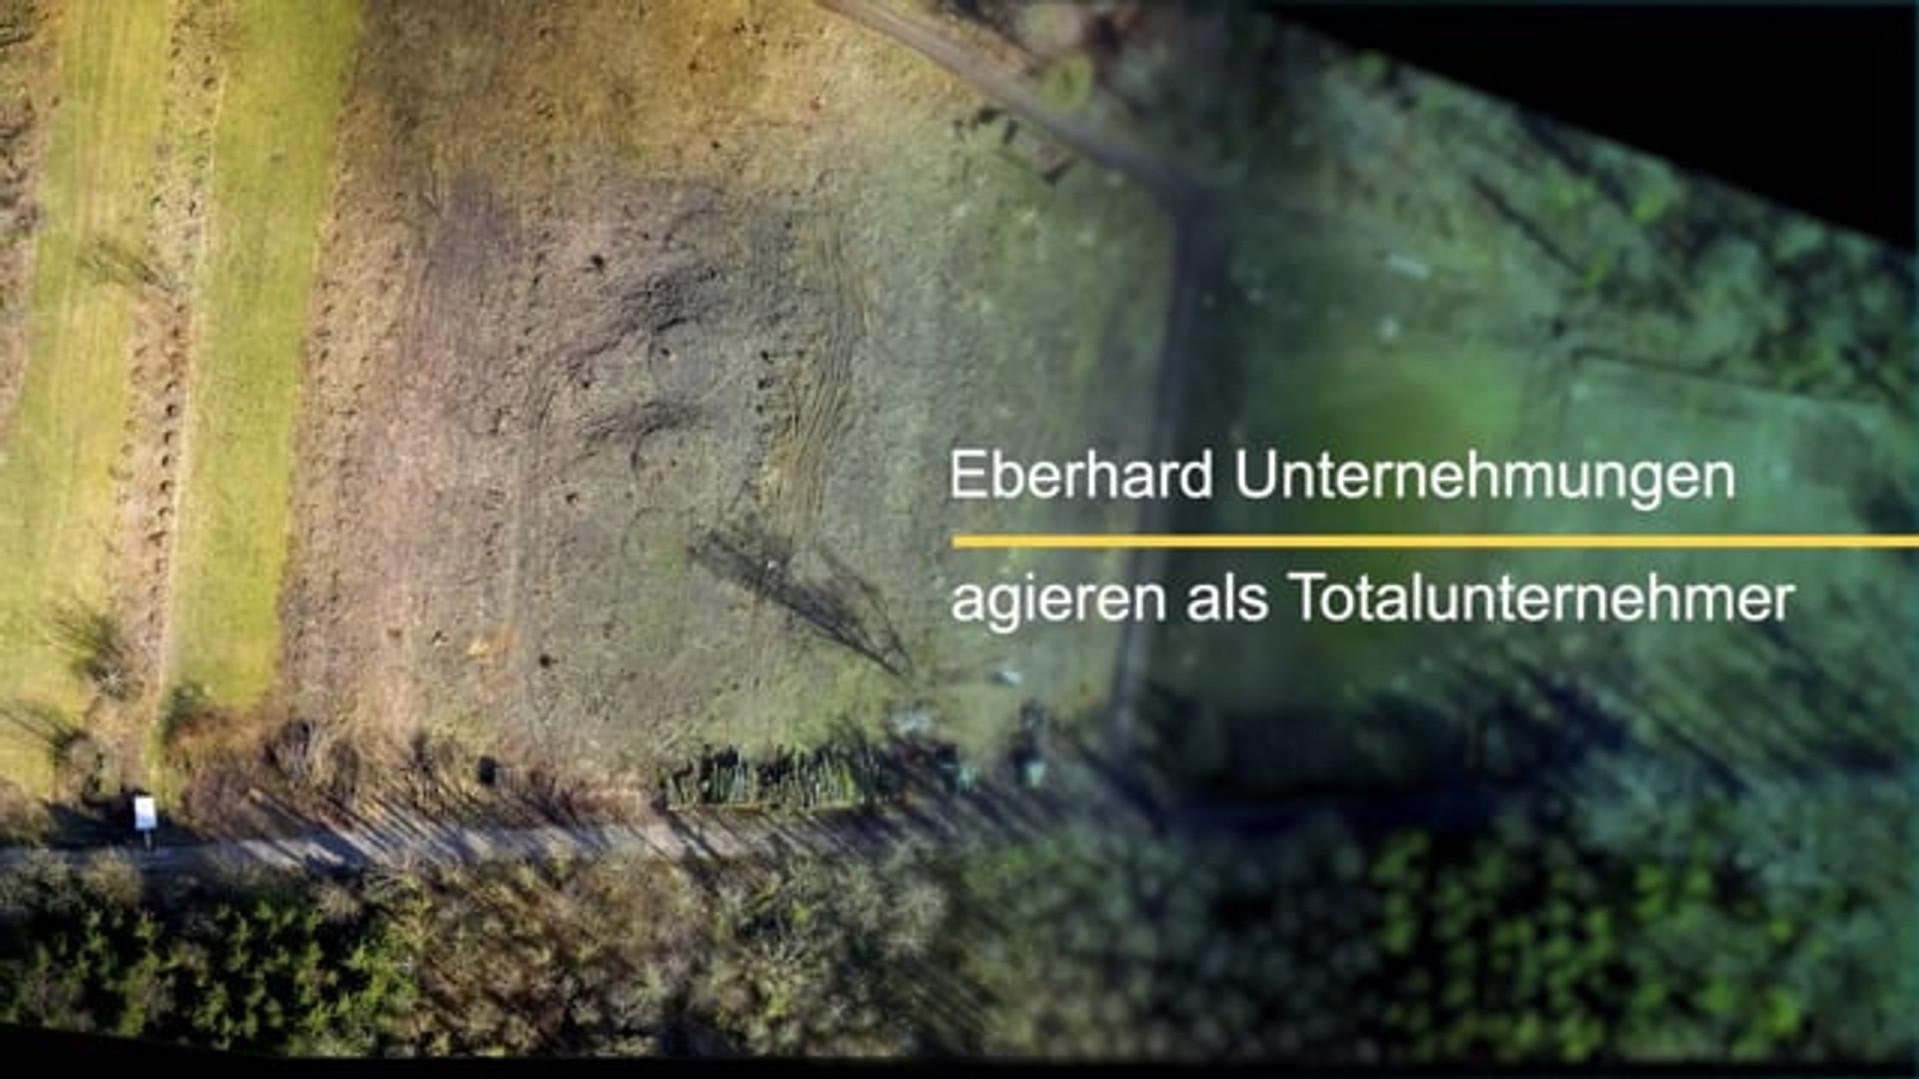 Eberhard Unternehmungen